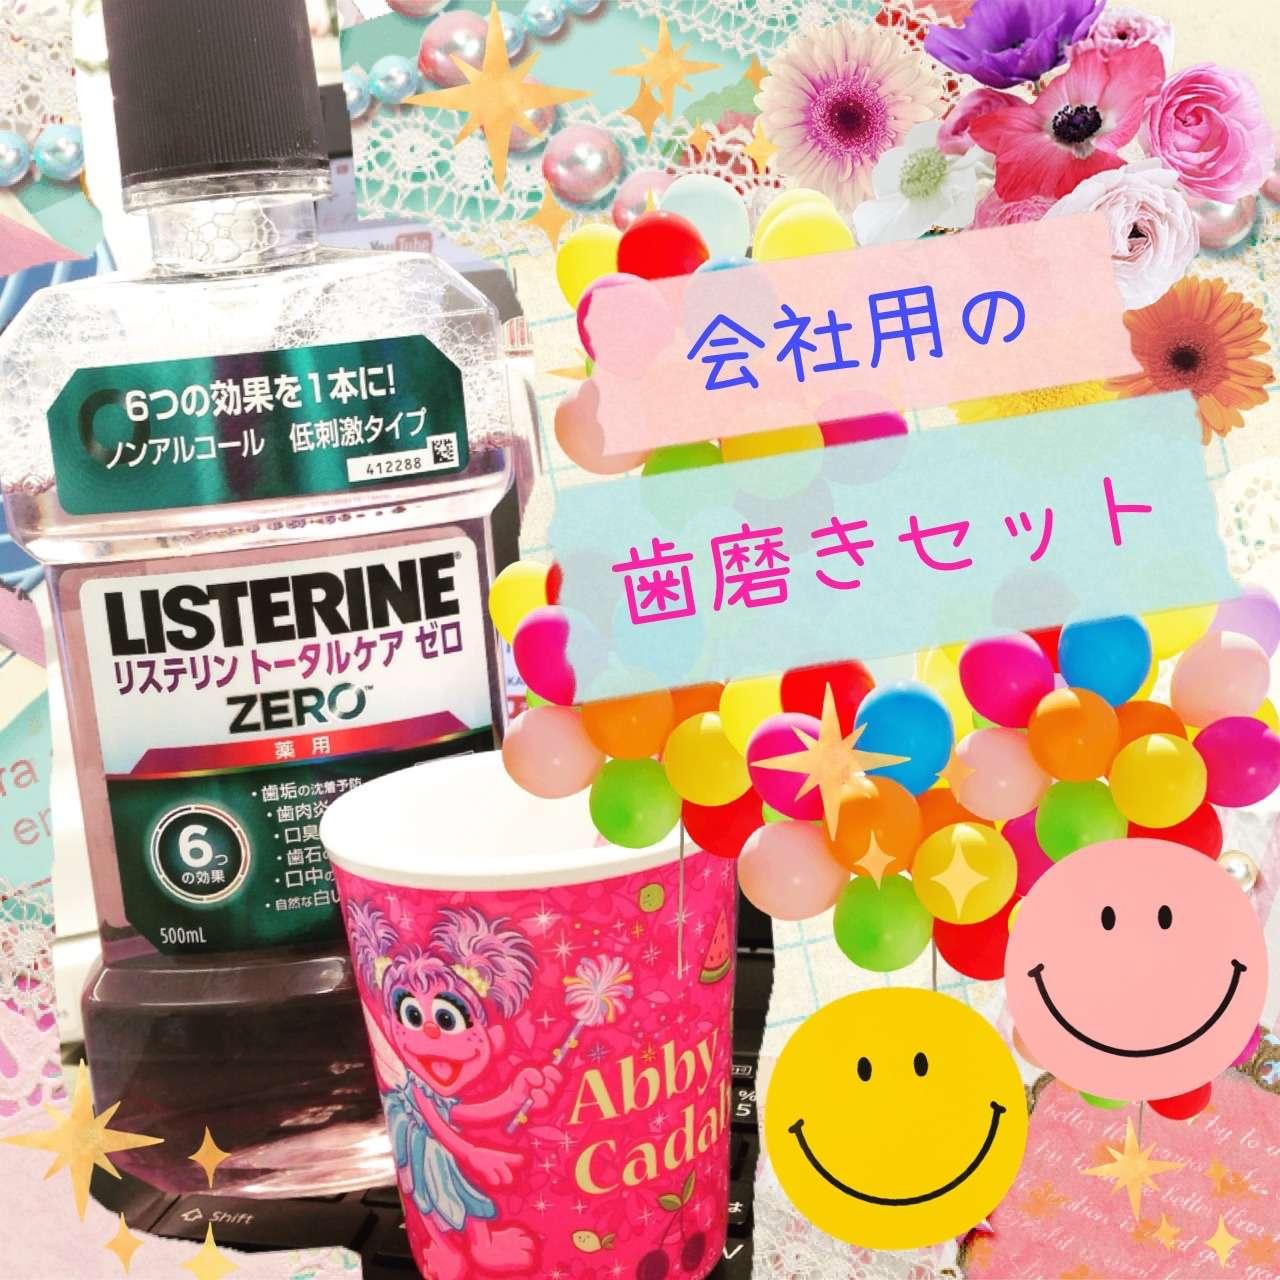 【モニター】リステリン*(^_-) vol2